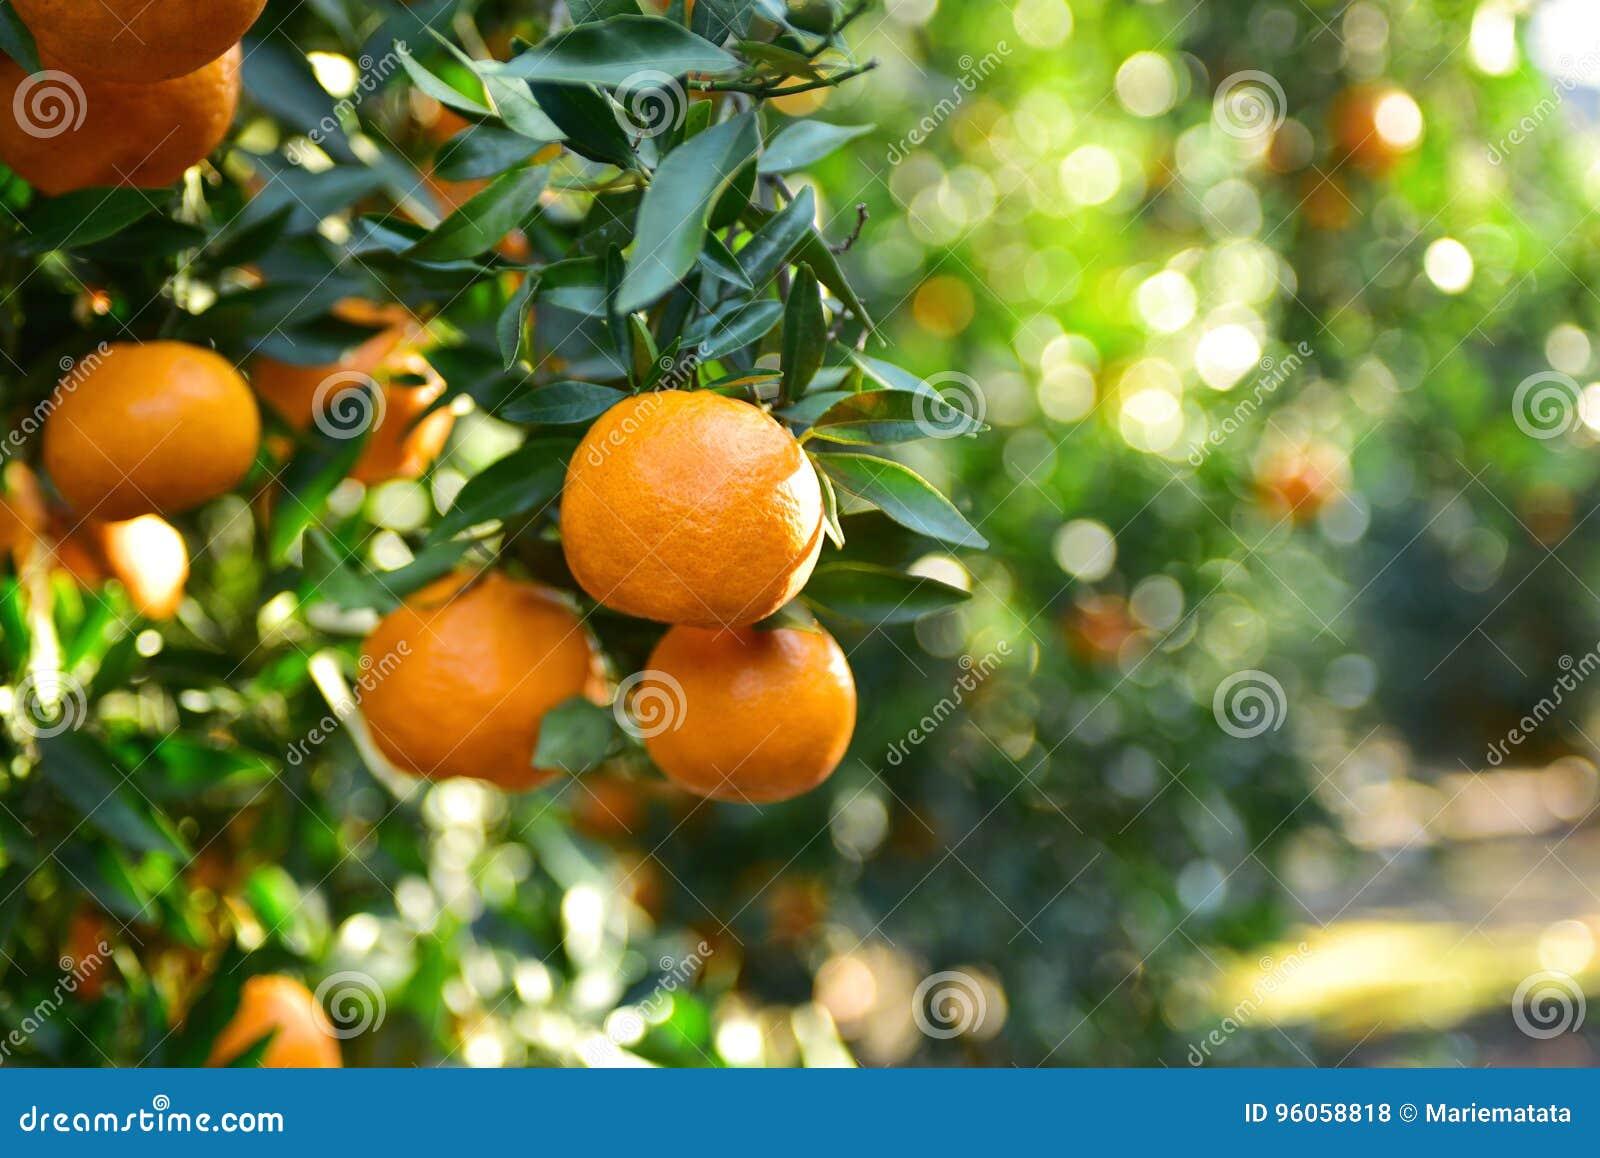 Collecte de mandarines dans le verger